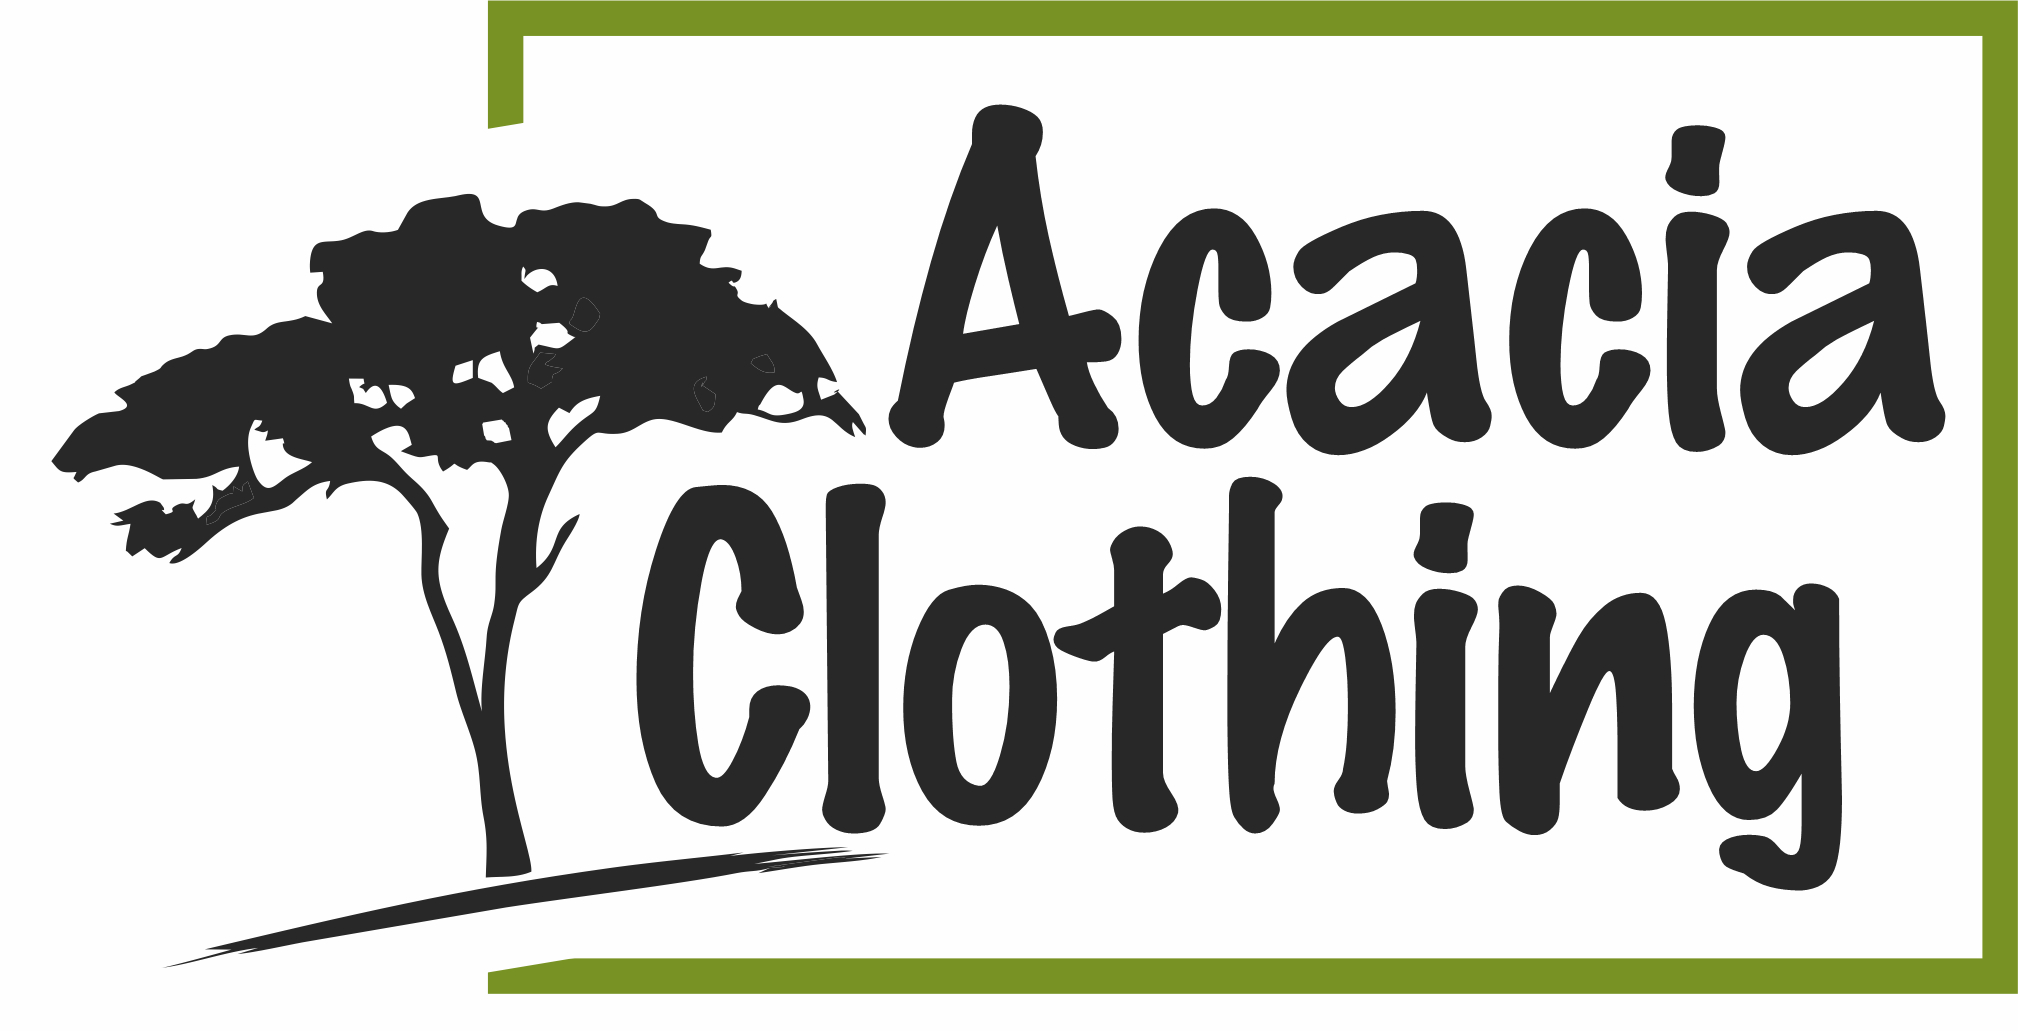 Acacia Clothing